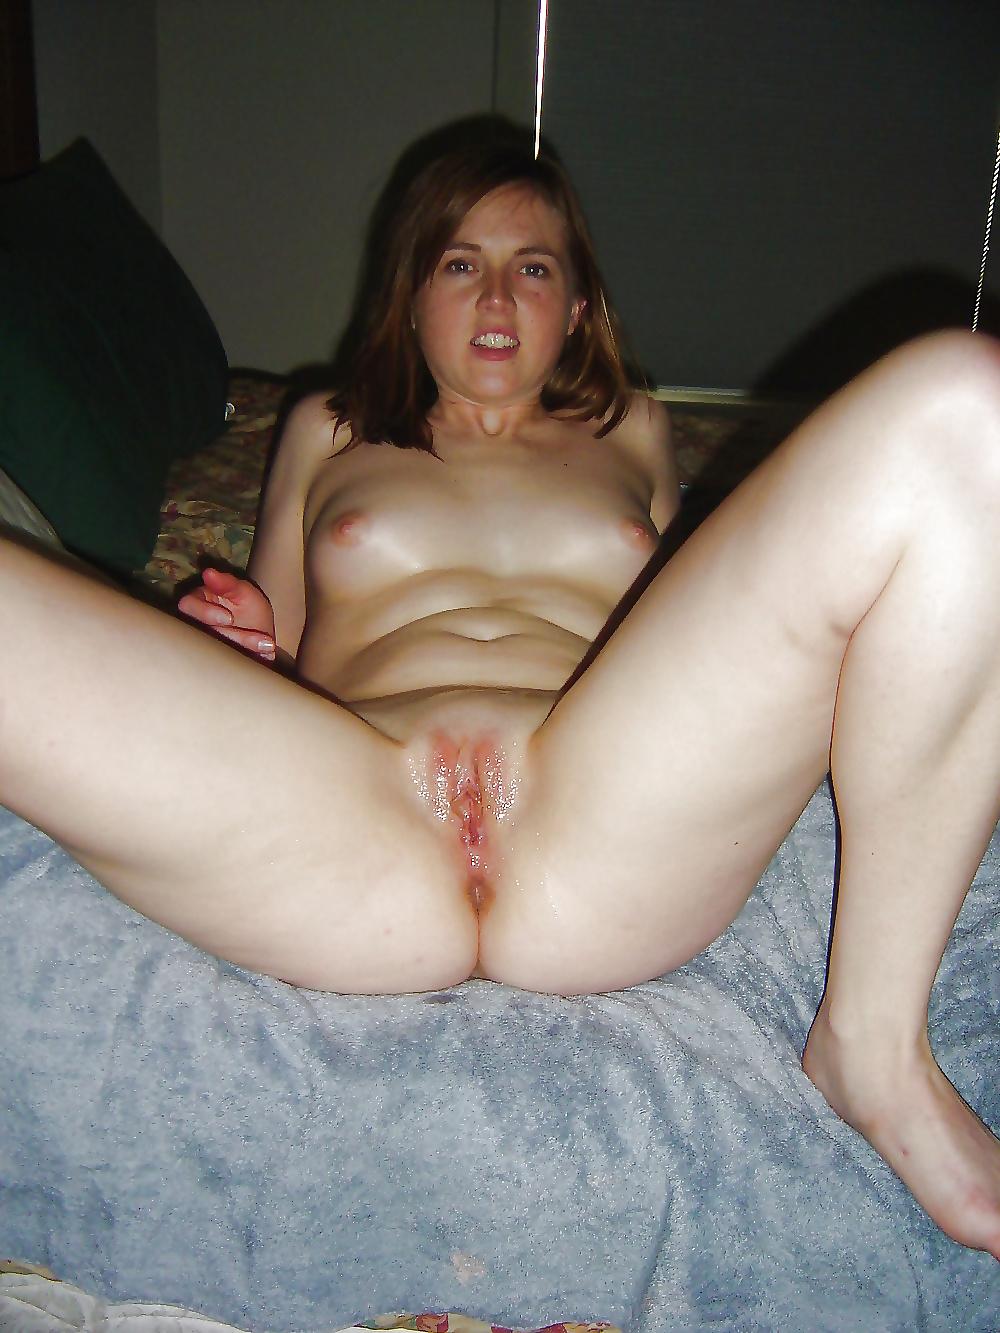 Chicas desnudas en la cama, los mejores videos x porno